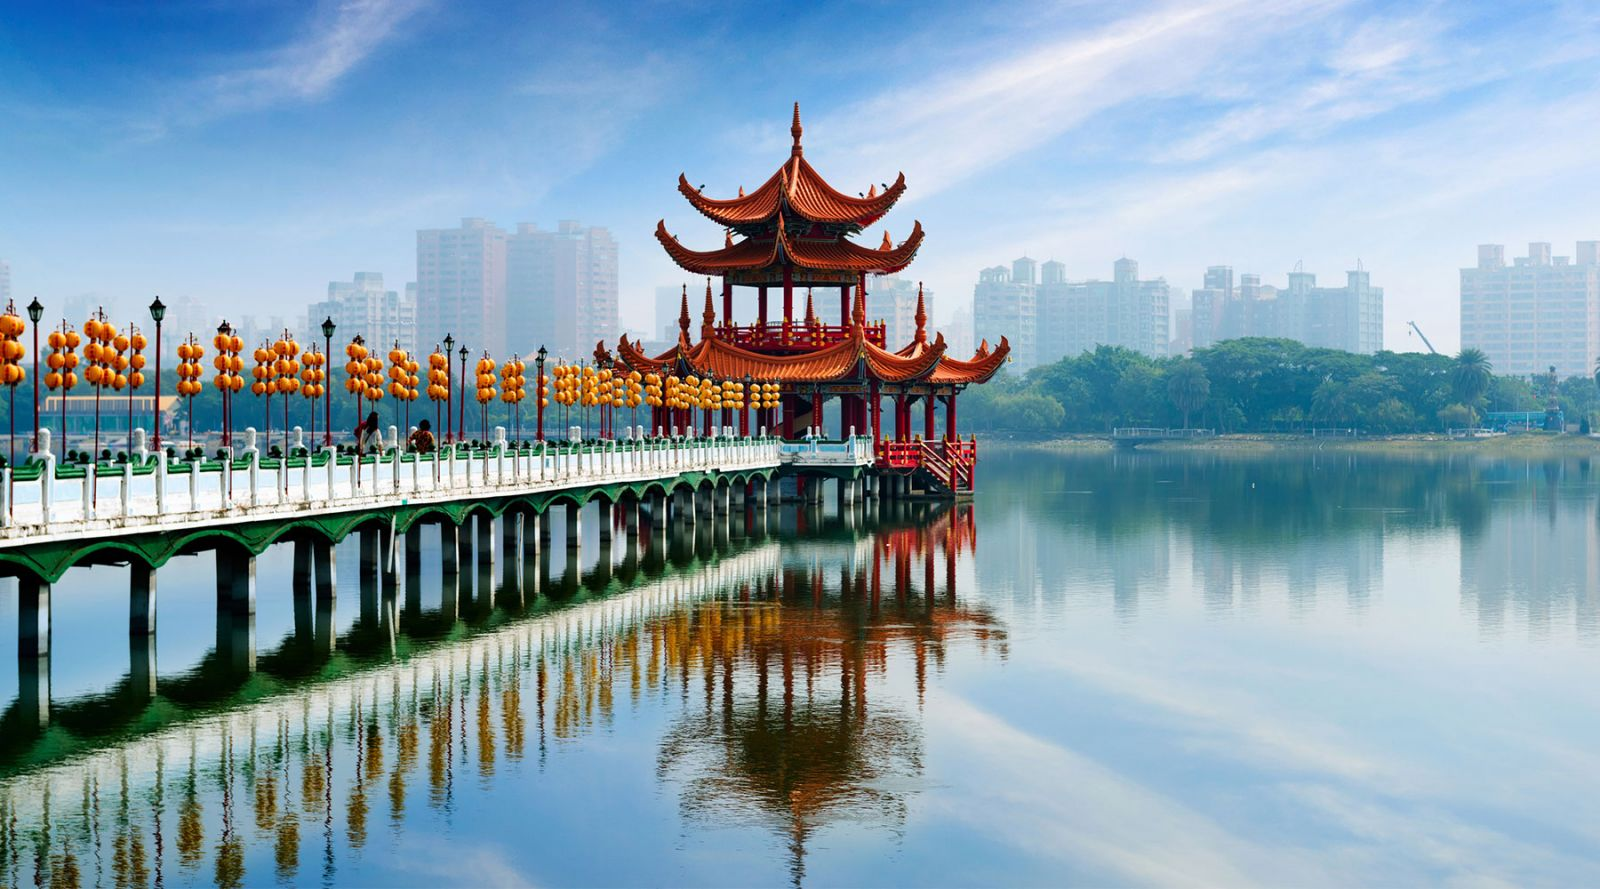 Chuyển phát nhanh UPS đi Đài Loan chuyên nghiệp cùng Viettelcargo